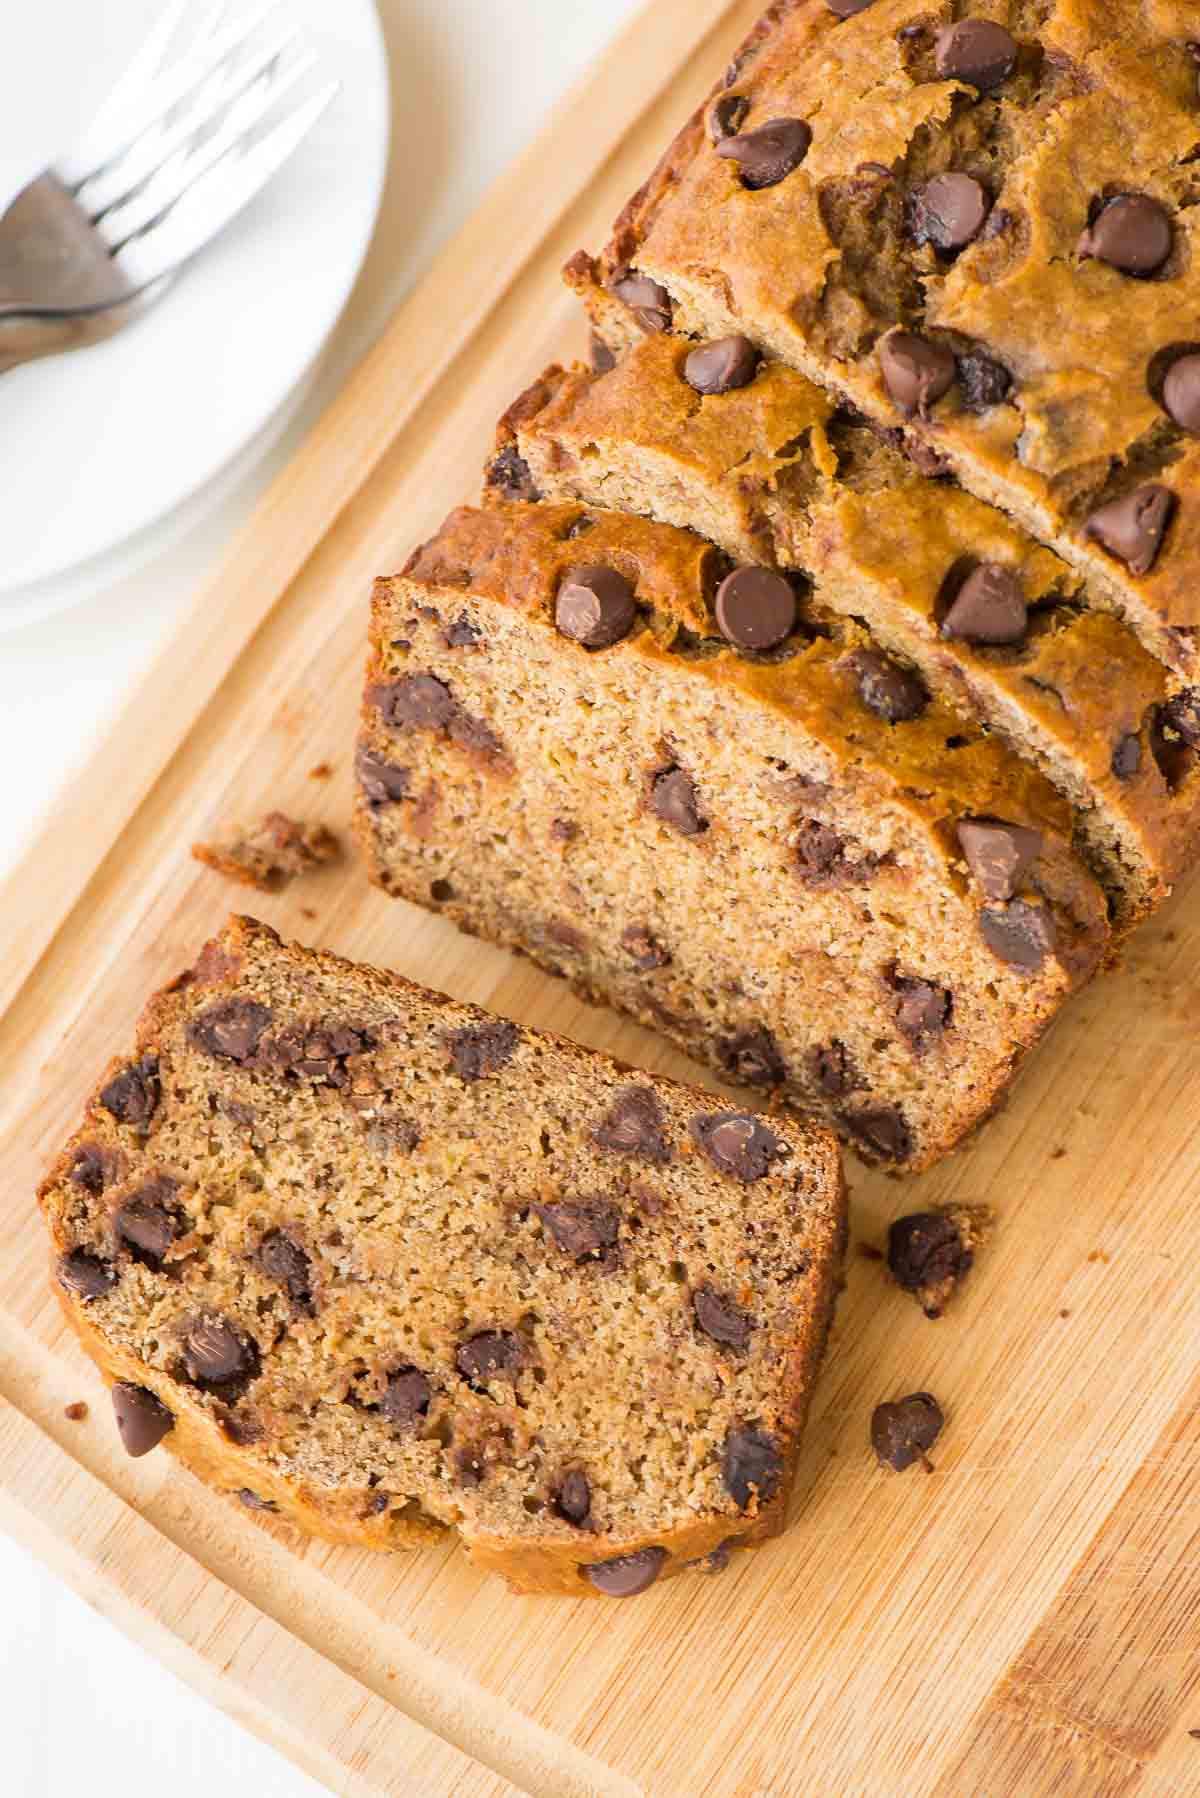 Banana Bread Recipe Healthy  Healthy Banana Bread Recipe with Chocolate Chips